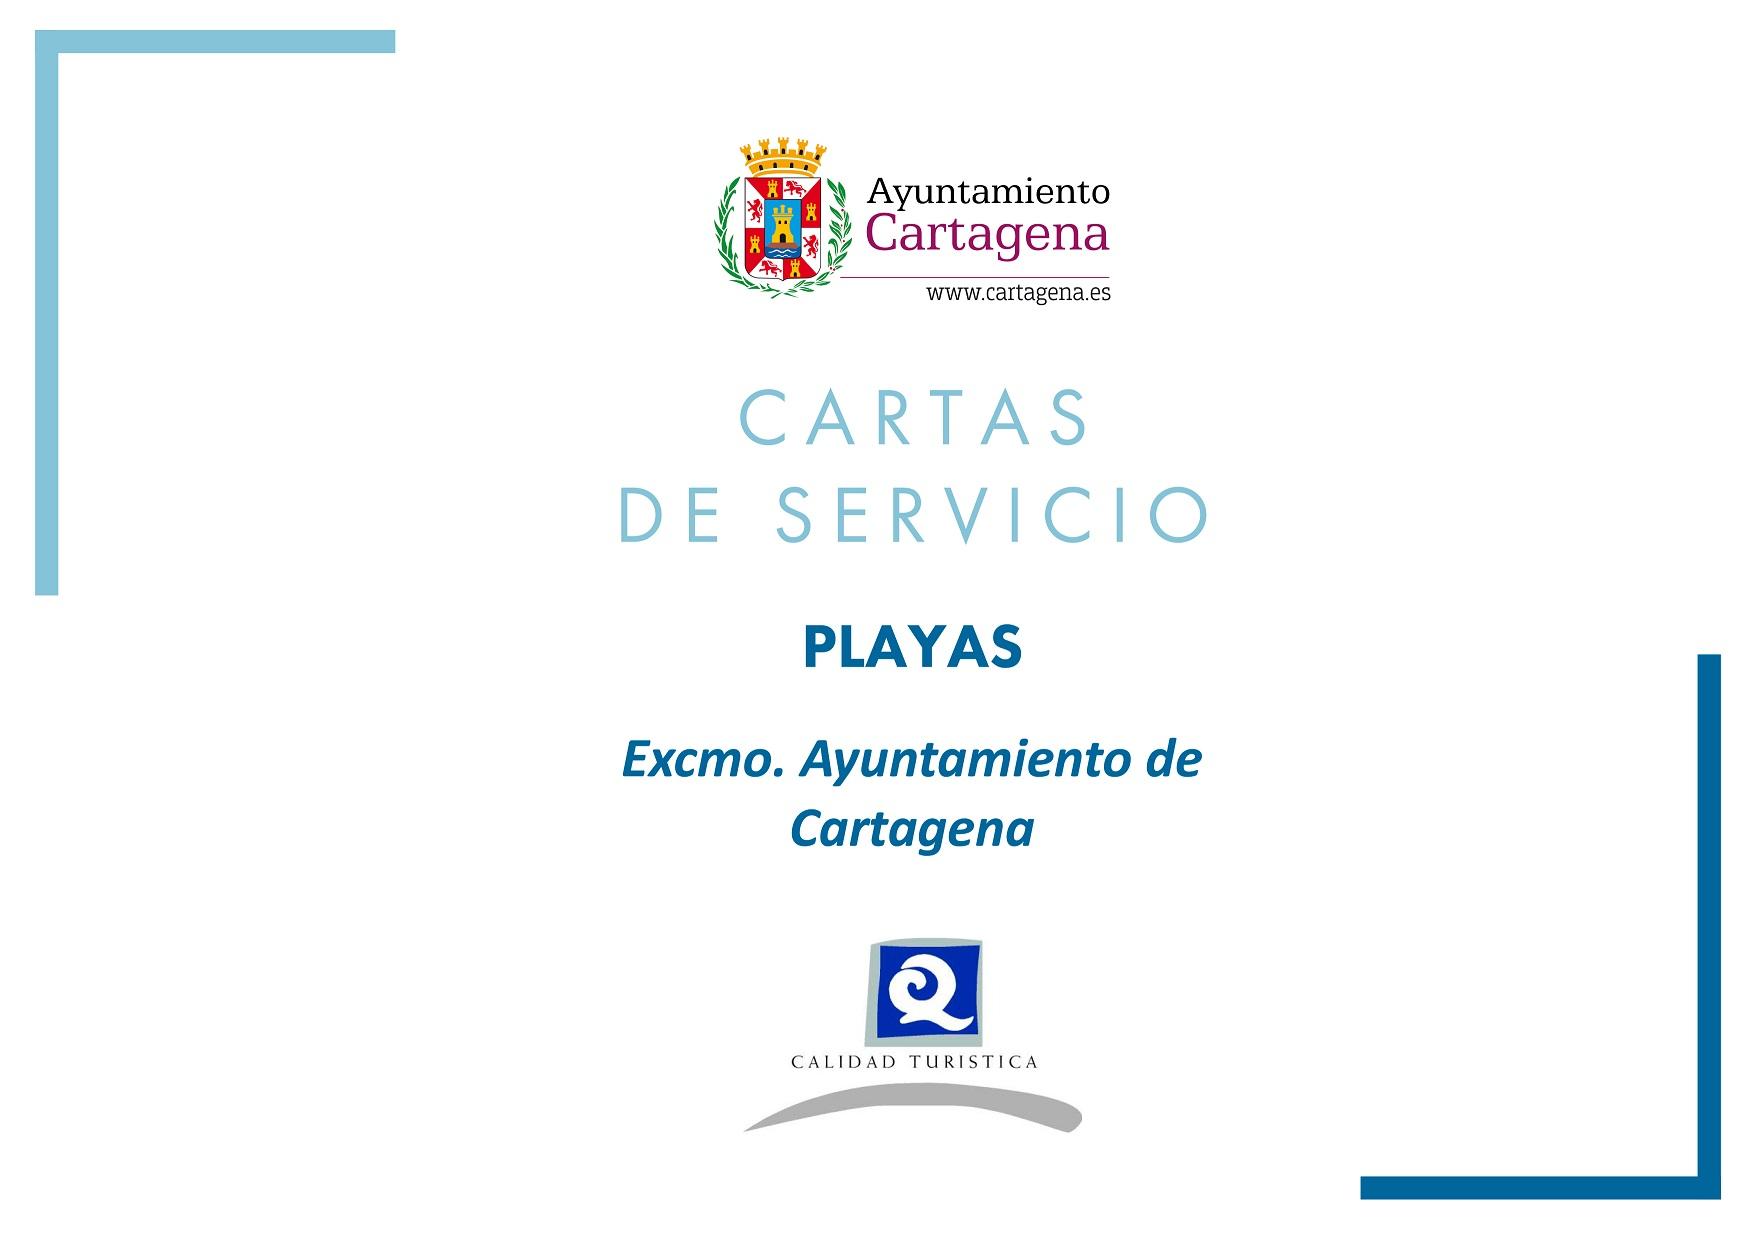 Cartas de Servicio Playas. Documento PDF - 6,35 MB. Se abre en ventana nueva